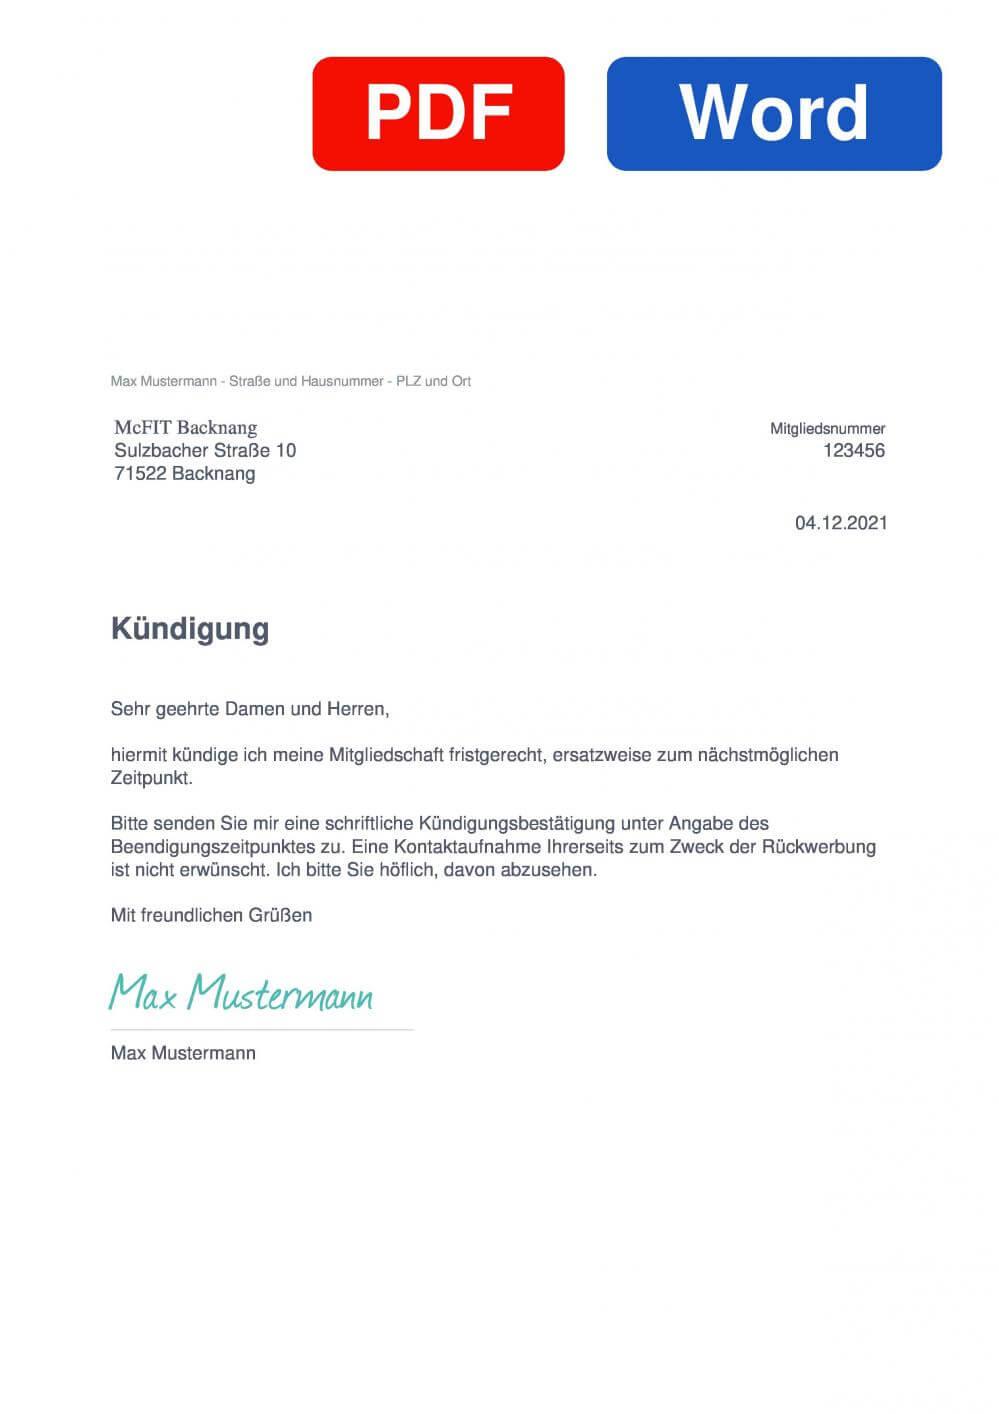 McFIT Backnang Muster Vorlage für Kündigungsschreiben